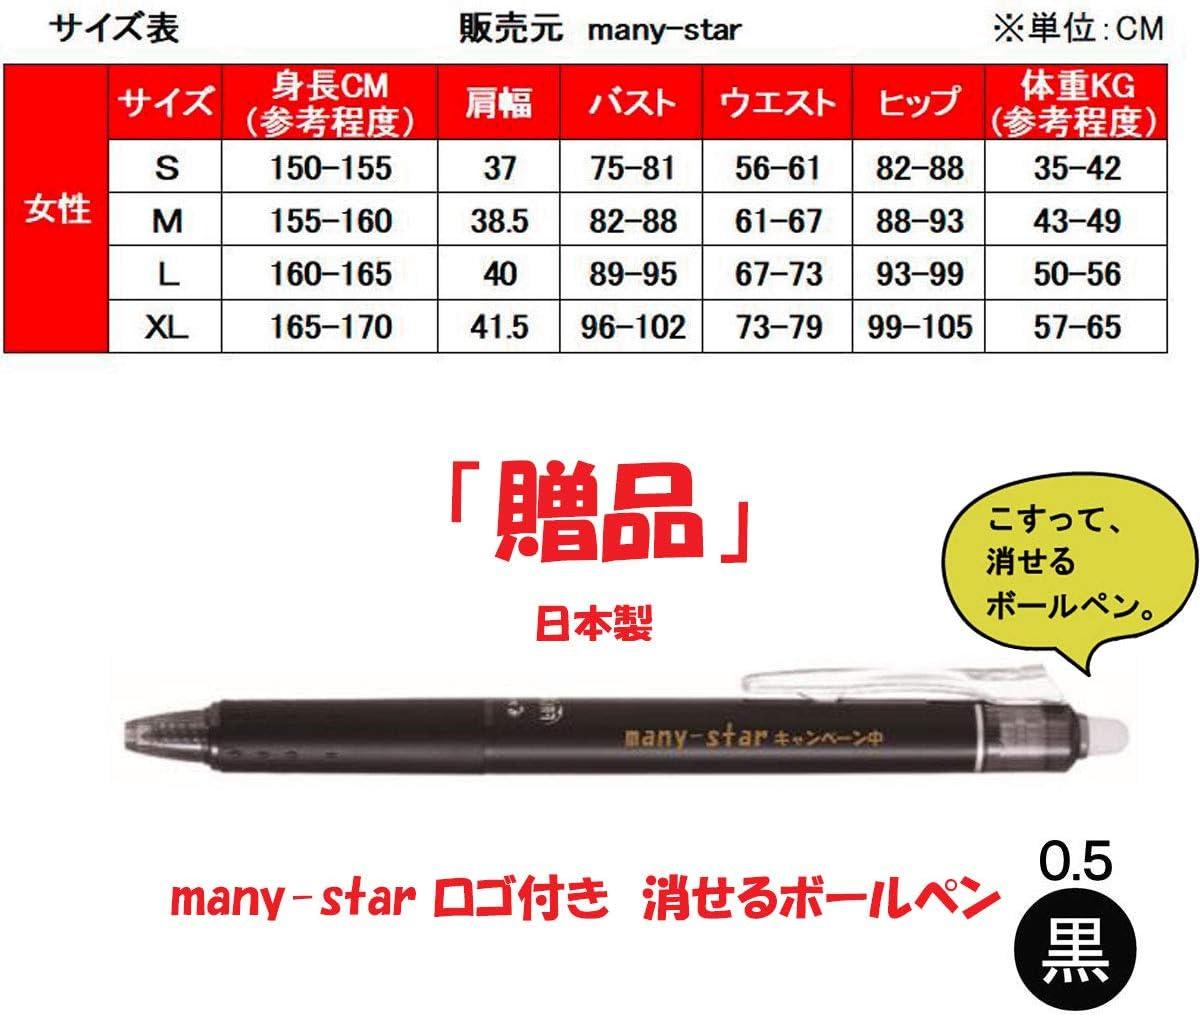 鬼滅の刃(きめつのやいば)冨岡義勇 many-star ロゴ付き消せるボールペン付き コスプレ衣装